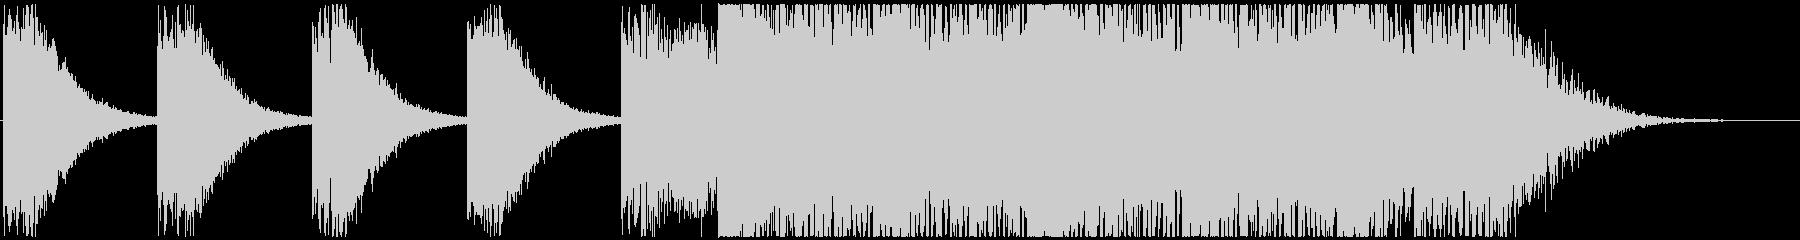 Damage IVの未再生の波形